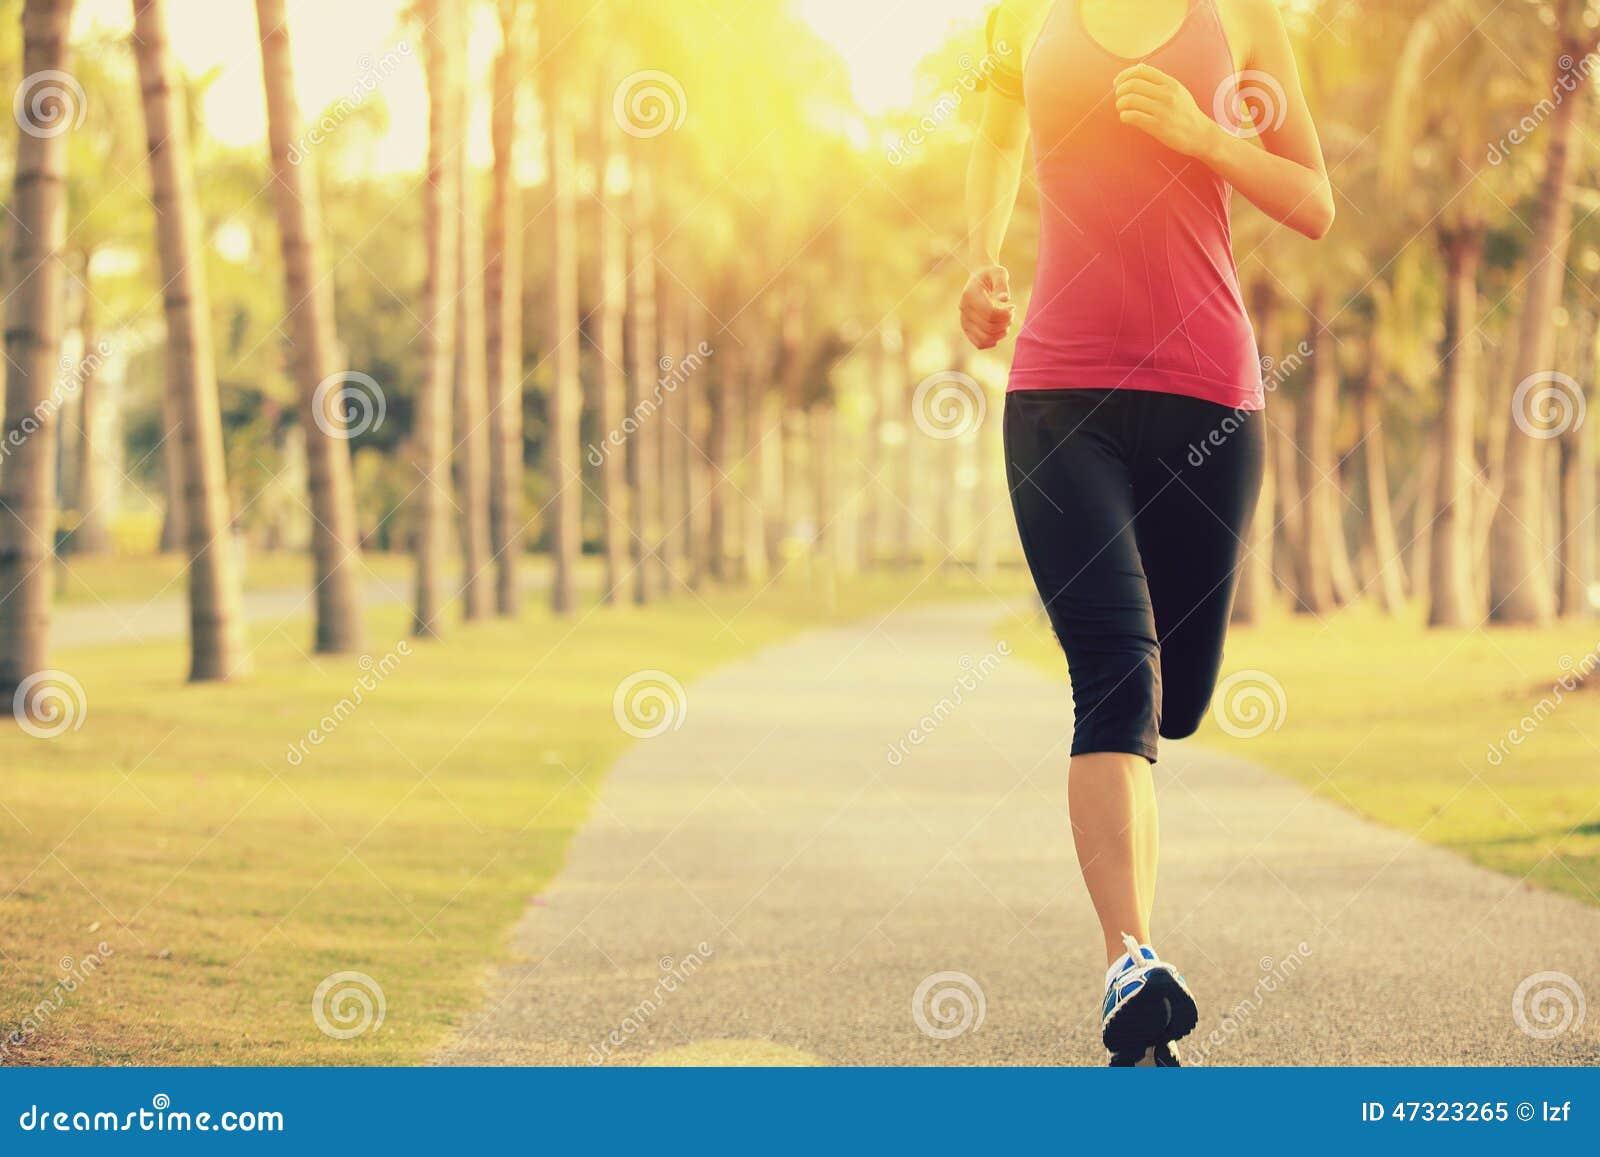 Αθλητής δρομέων που τρέχει στο τροπικό πάρκο ανατολή ικανότητας γυναικών που workout